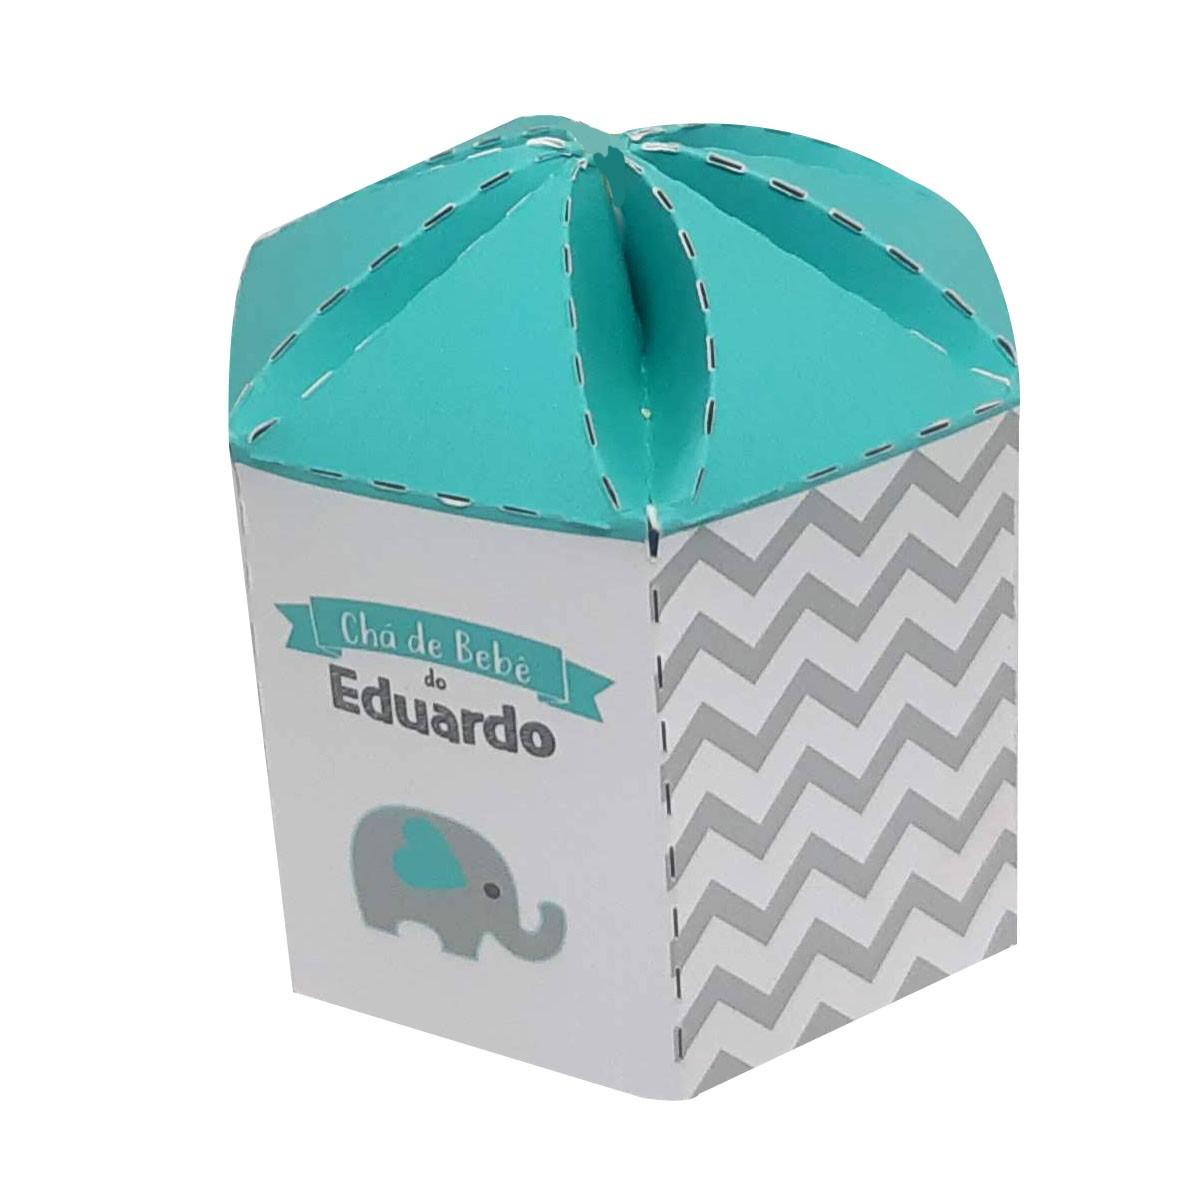 10x Caixa Sextavada Personalizada - Pacote com 10 unidades